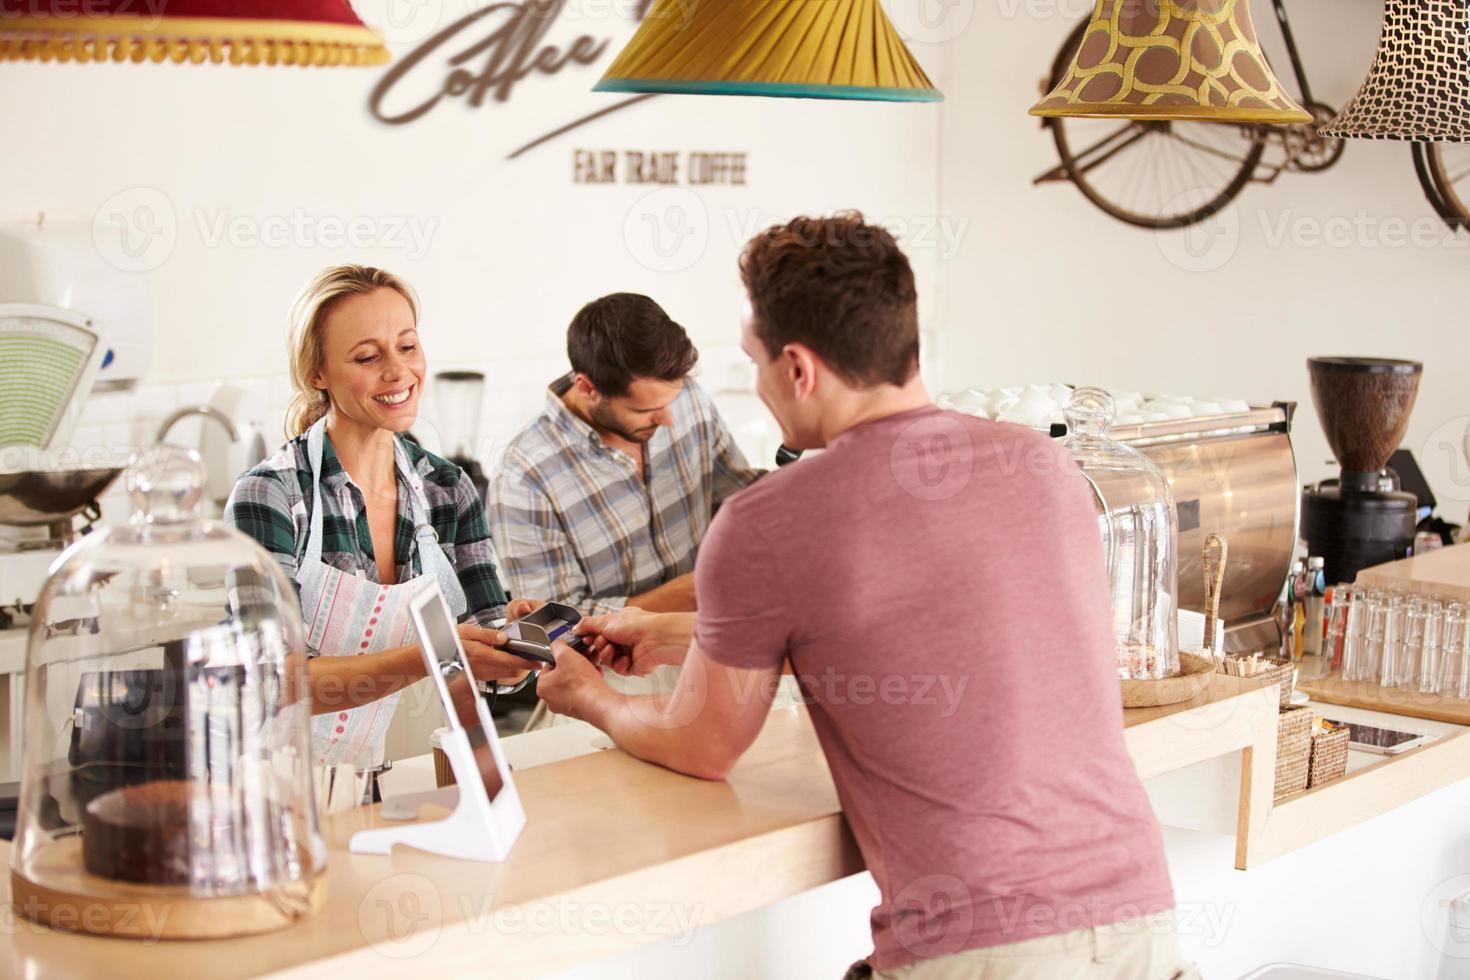 jovem pagando seu pedido em um café foto